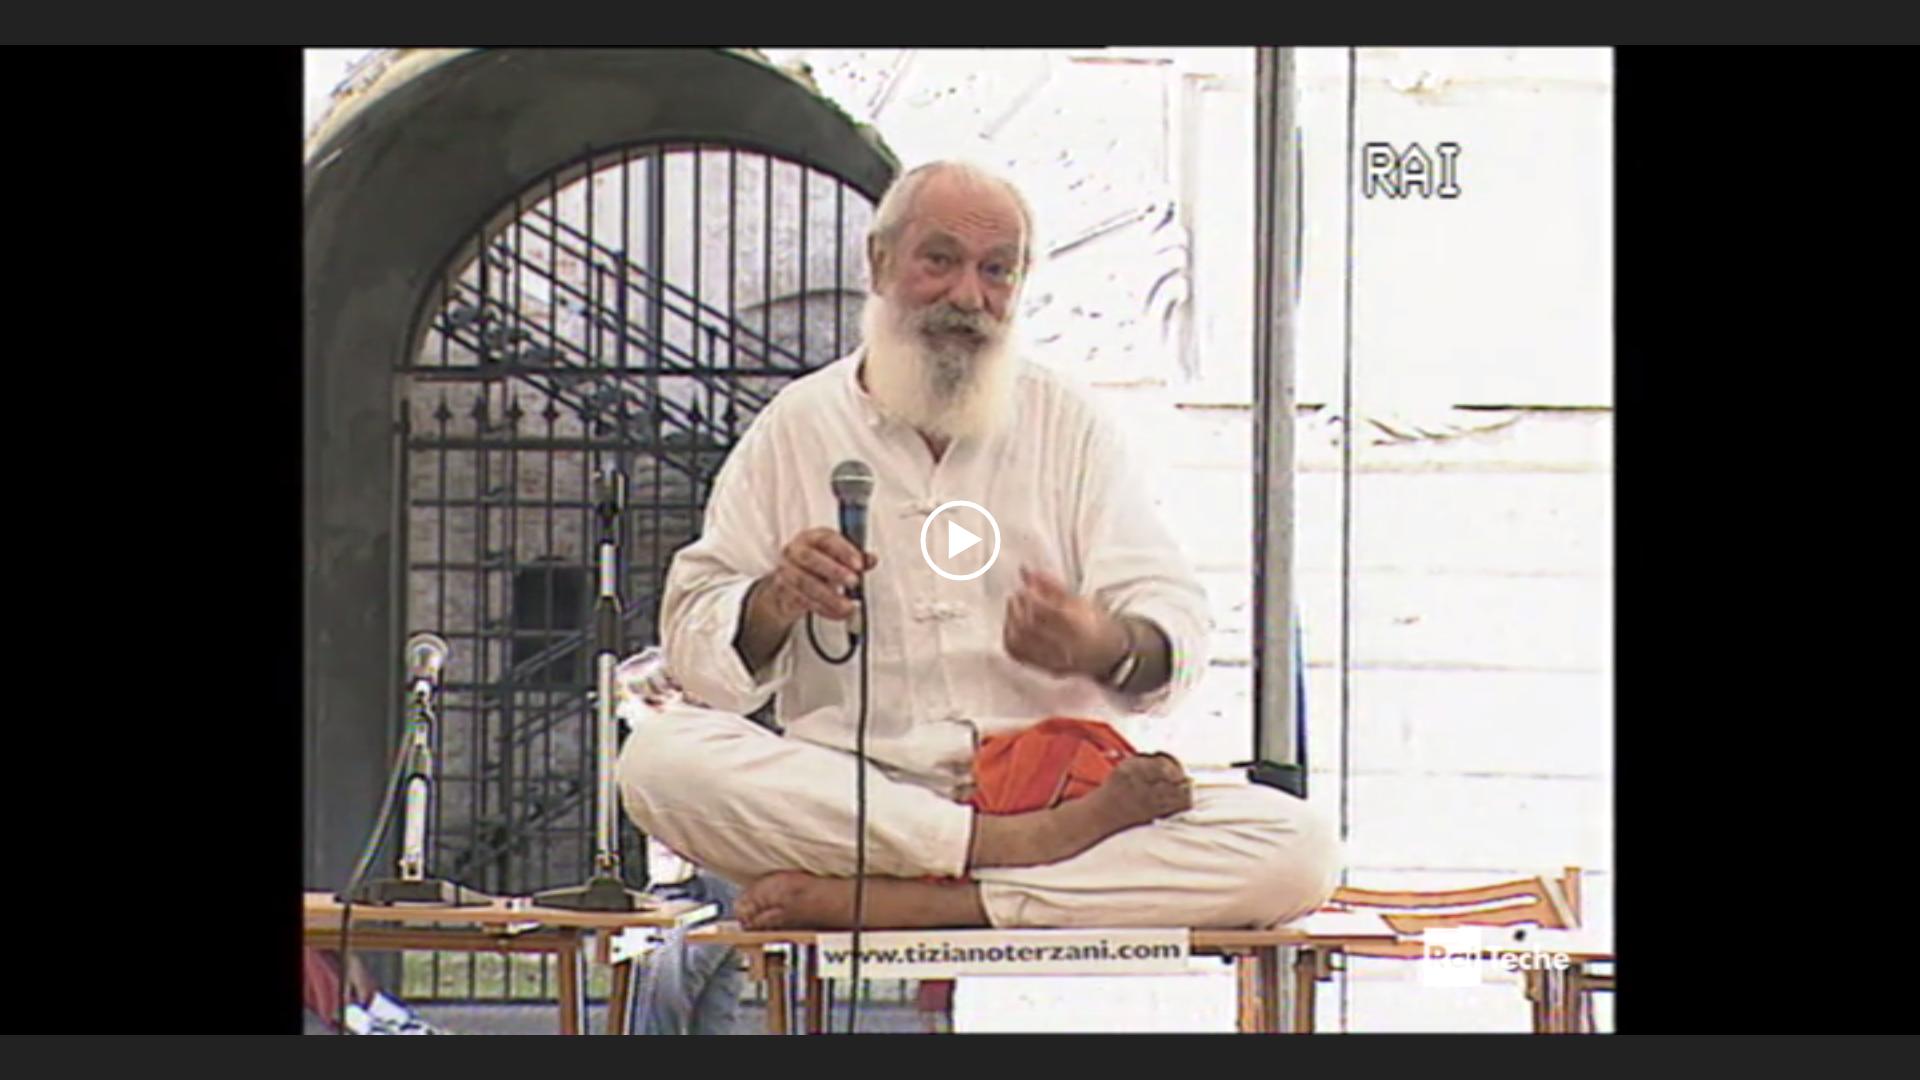 Tiziano Terzani al Festivaletteratura 2002: semplicemente profetico